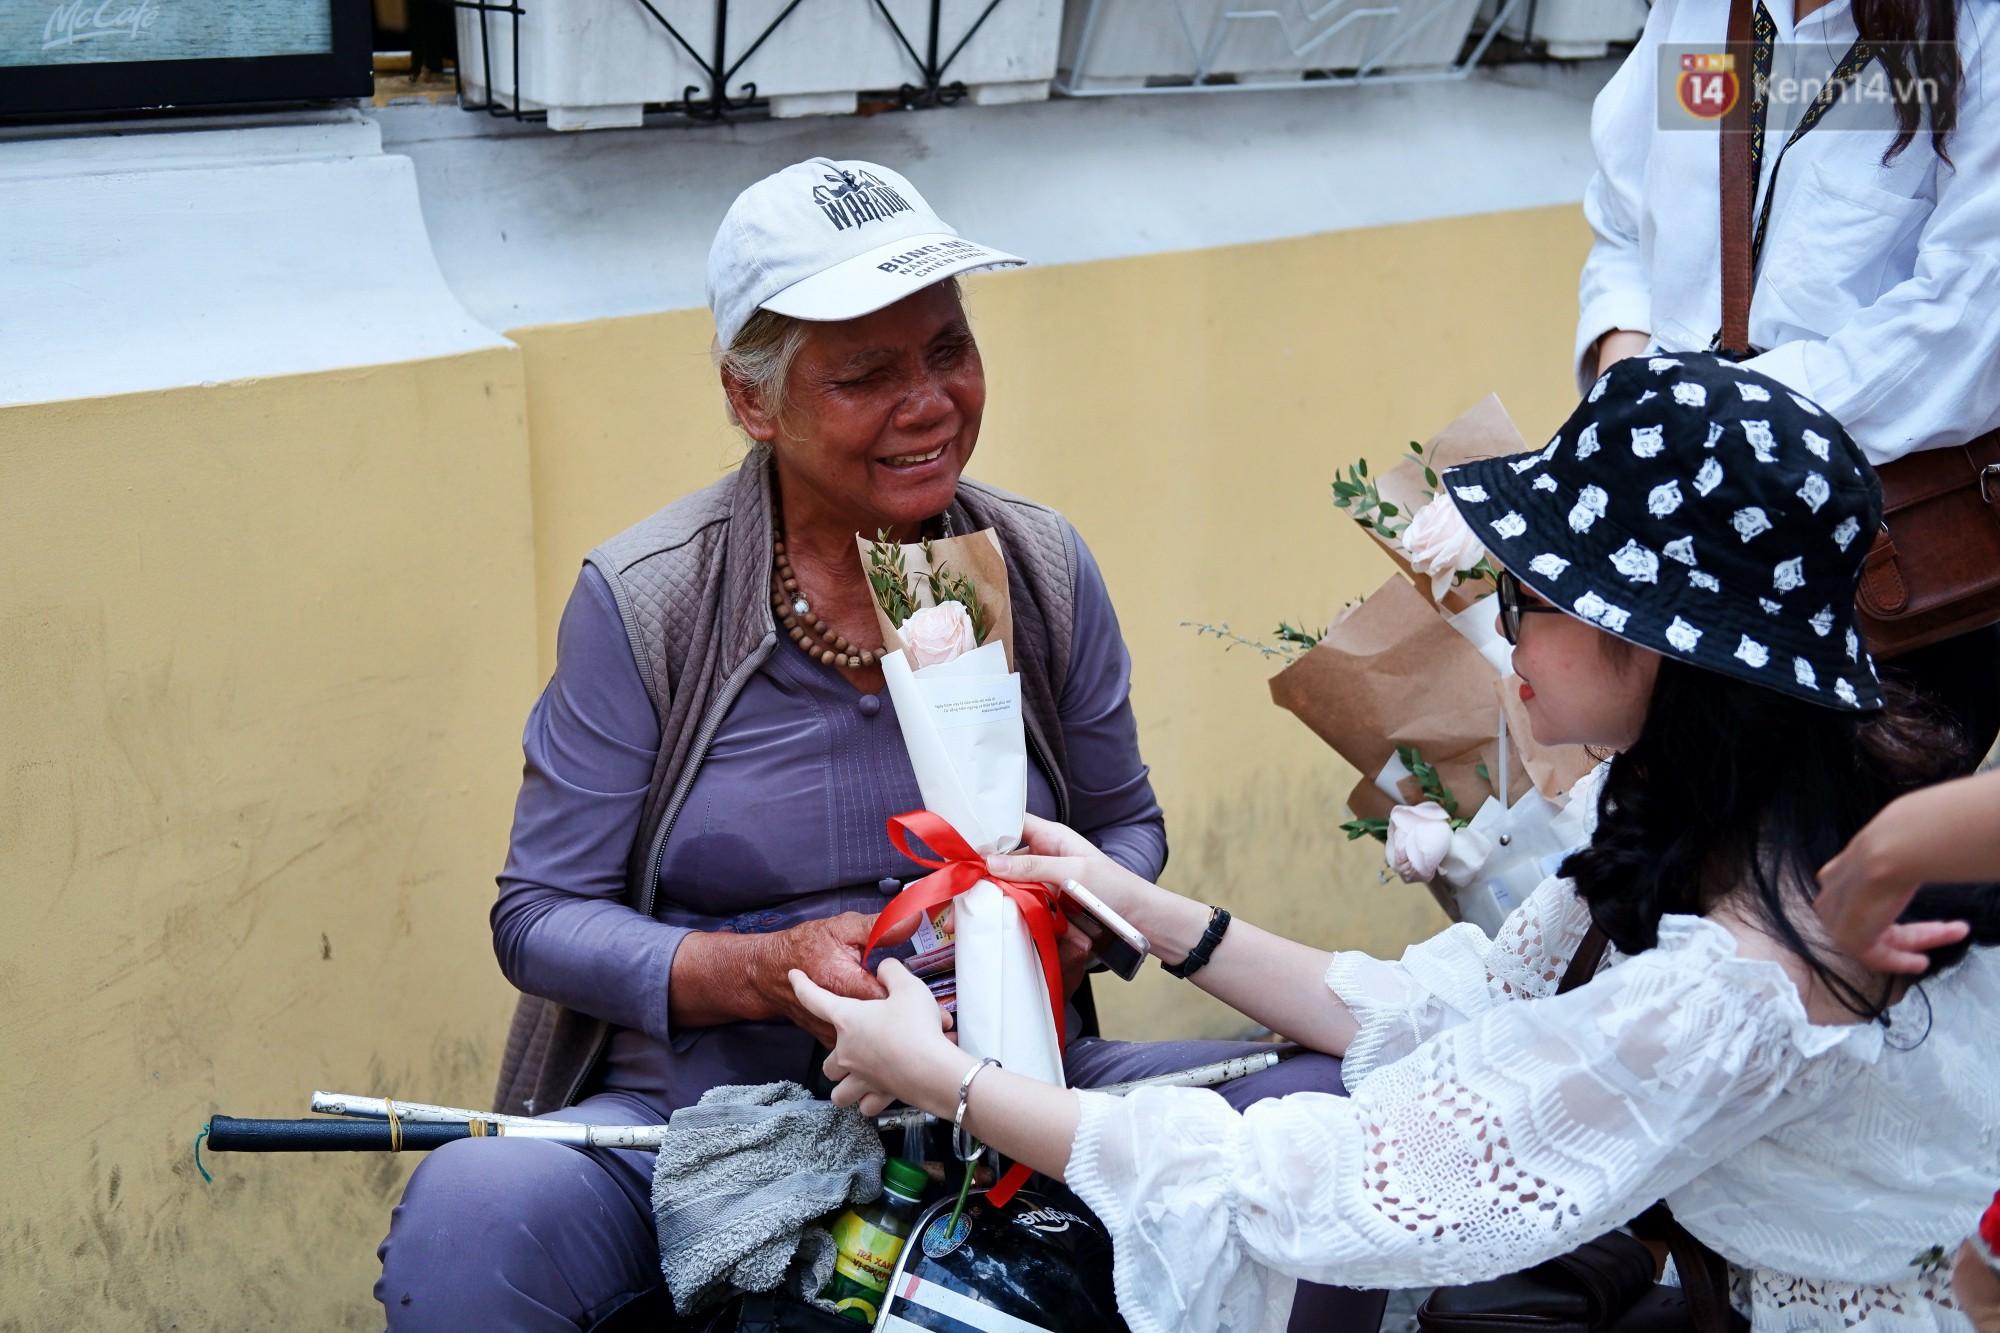 Nụ cười và giọt nước mắt của những người phụ nữ lam lũ trên đường phố Sài Gòn khi được tặng hoa 8/3 - Ảnh 8.